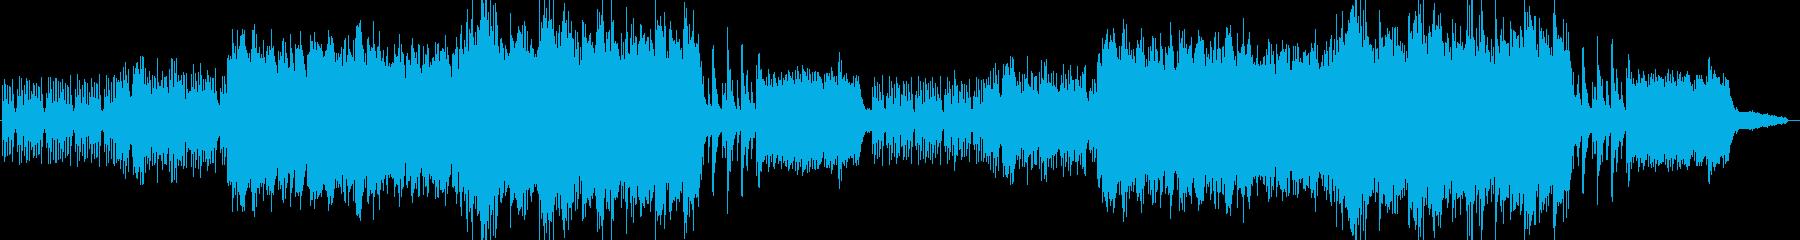 悲しい、切ないピアノのバラードの再生済みの波形